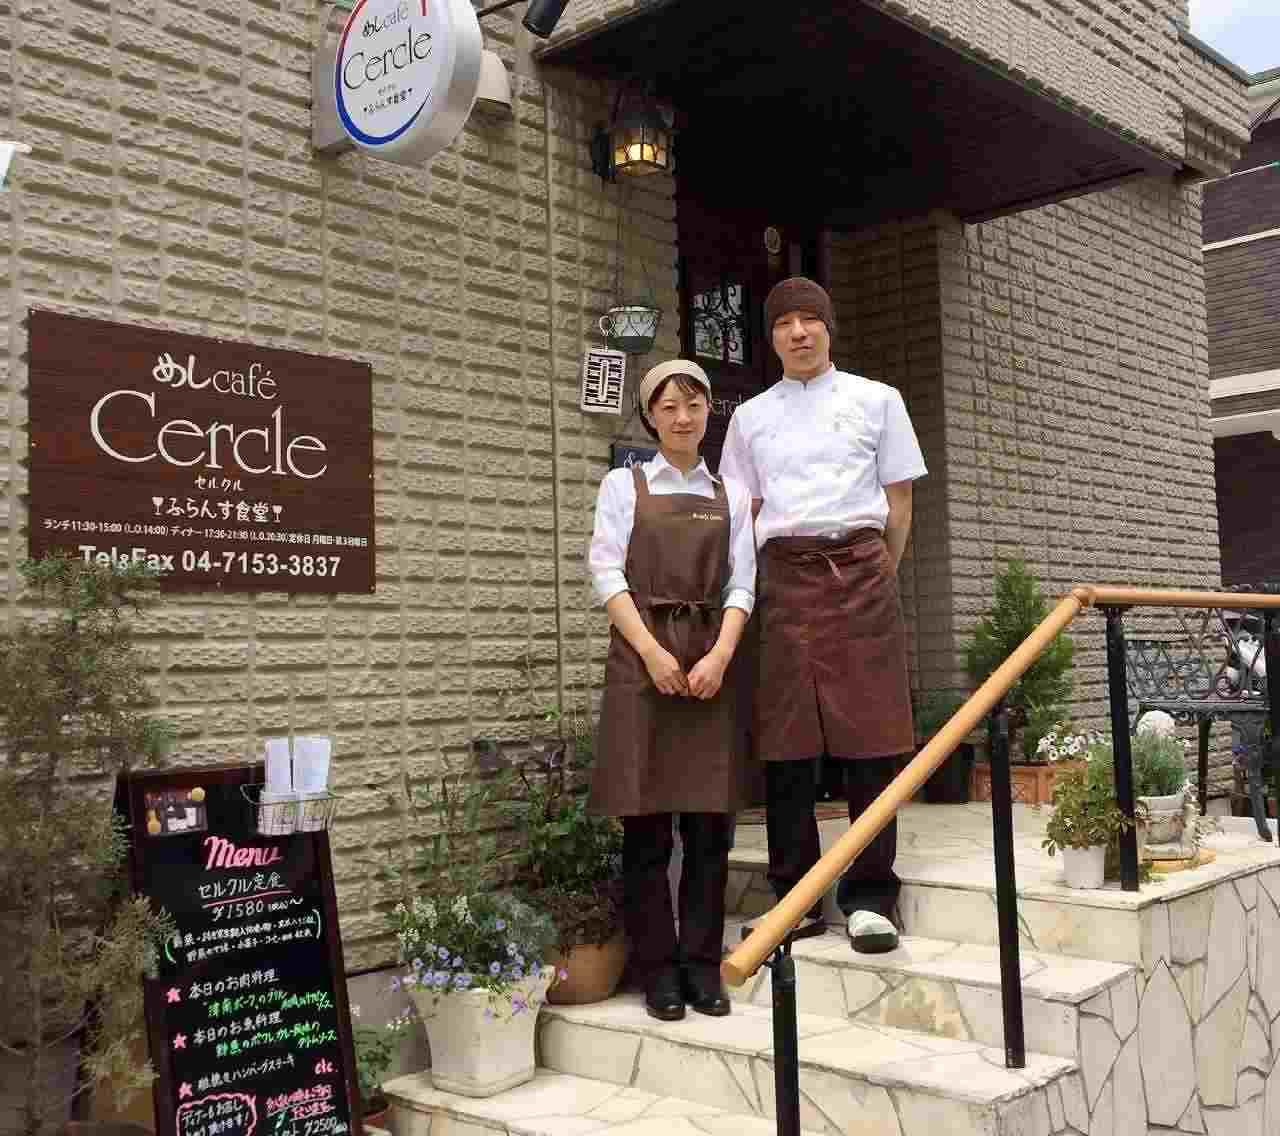 お箸でいただくフレンチ「めしcaféセルクル」が、江戸川台にオープン